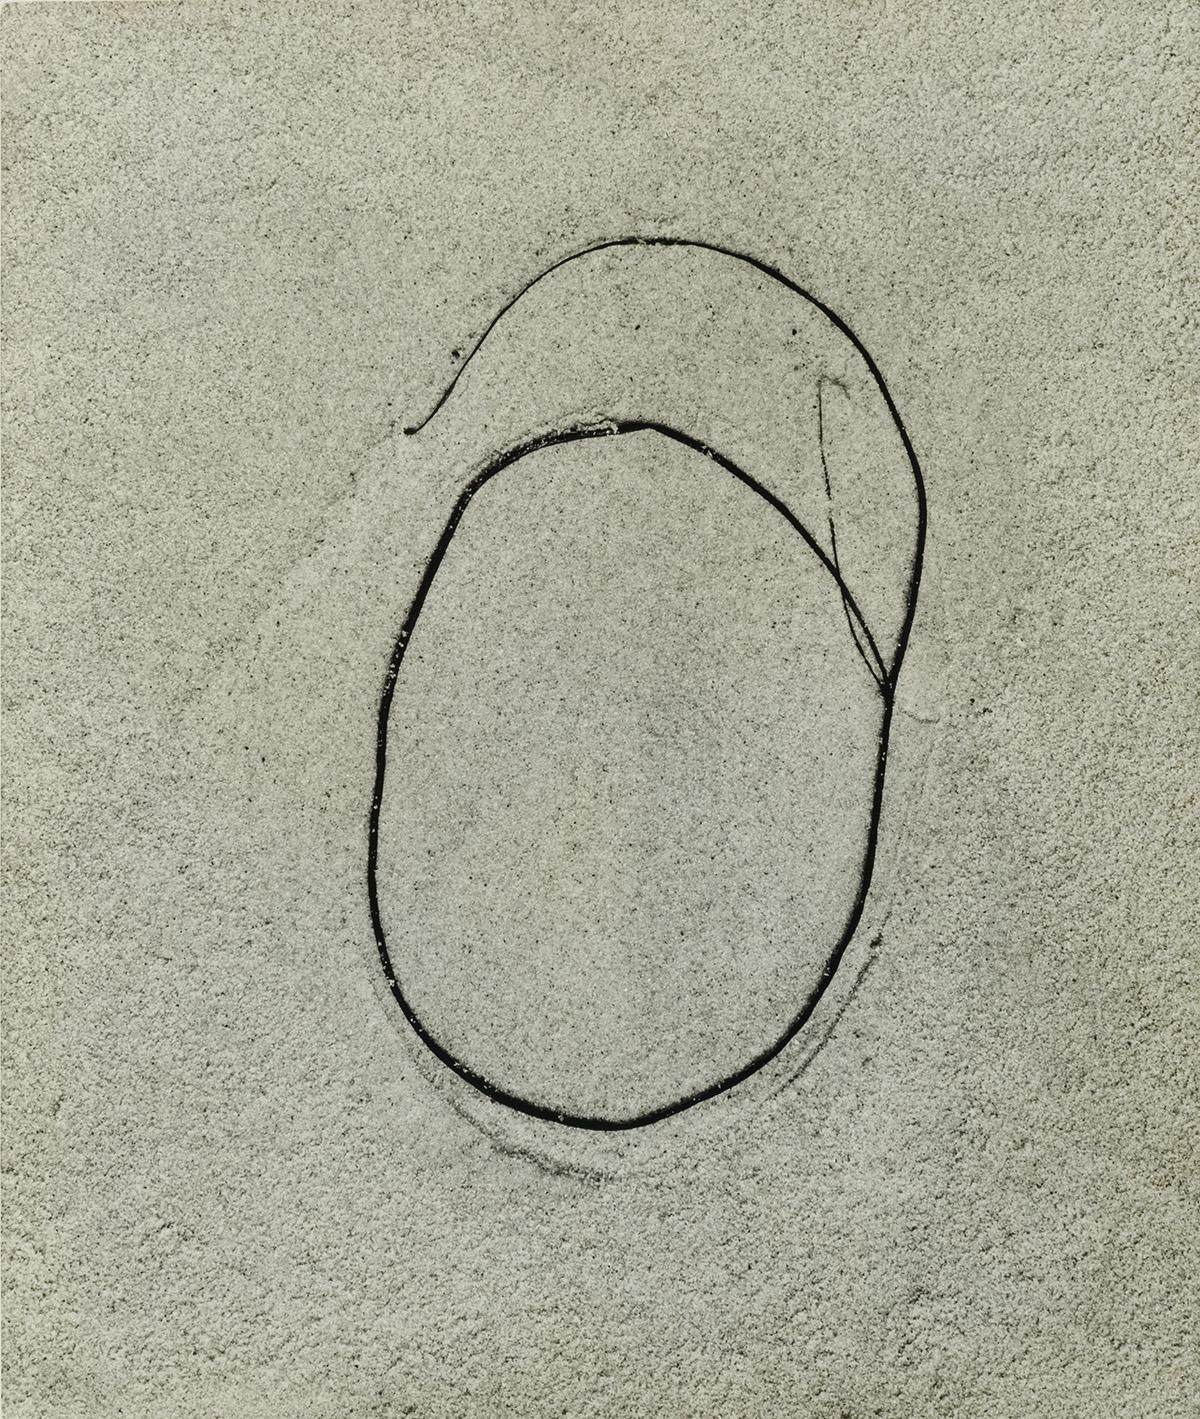 AARON-SISKIND-(1903-1991)-Marthas-Vineyard-26